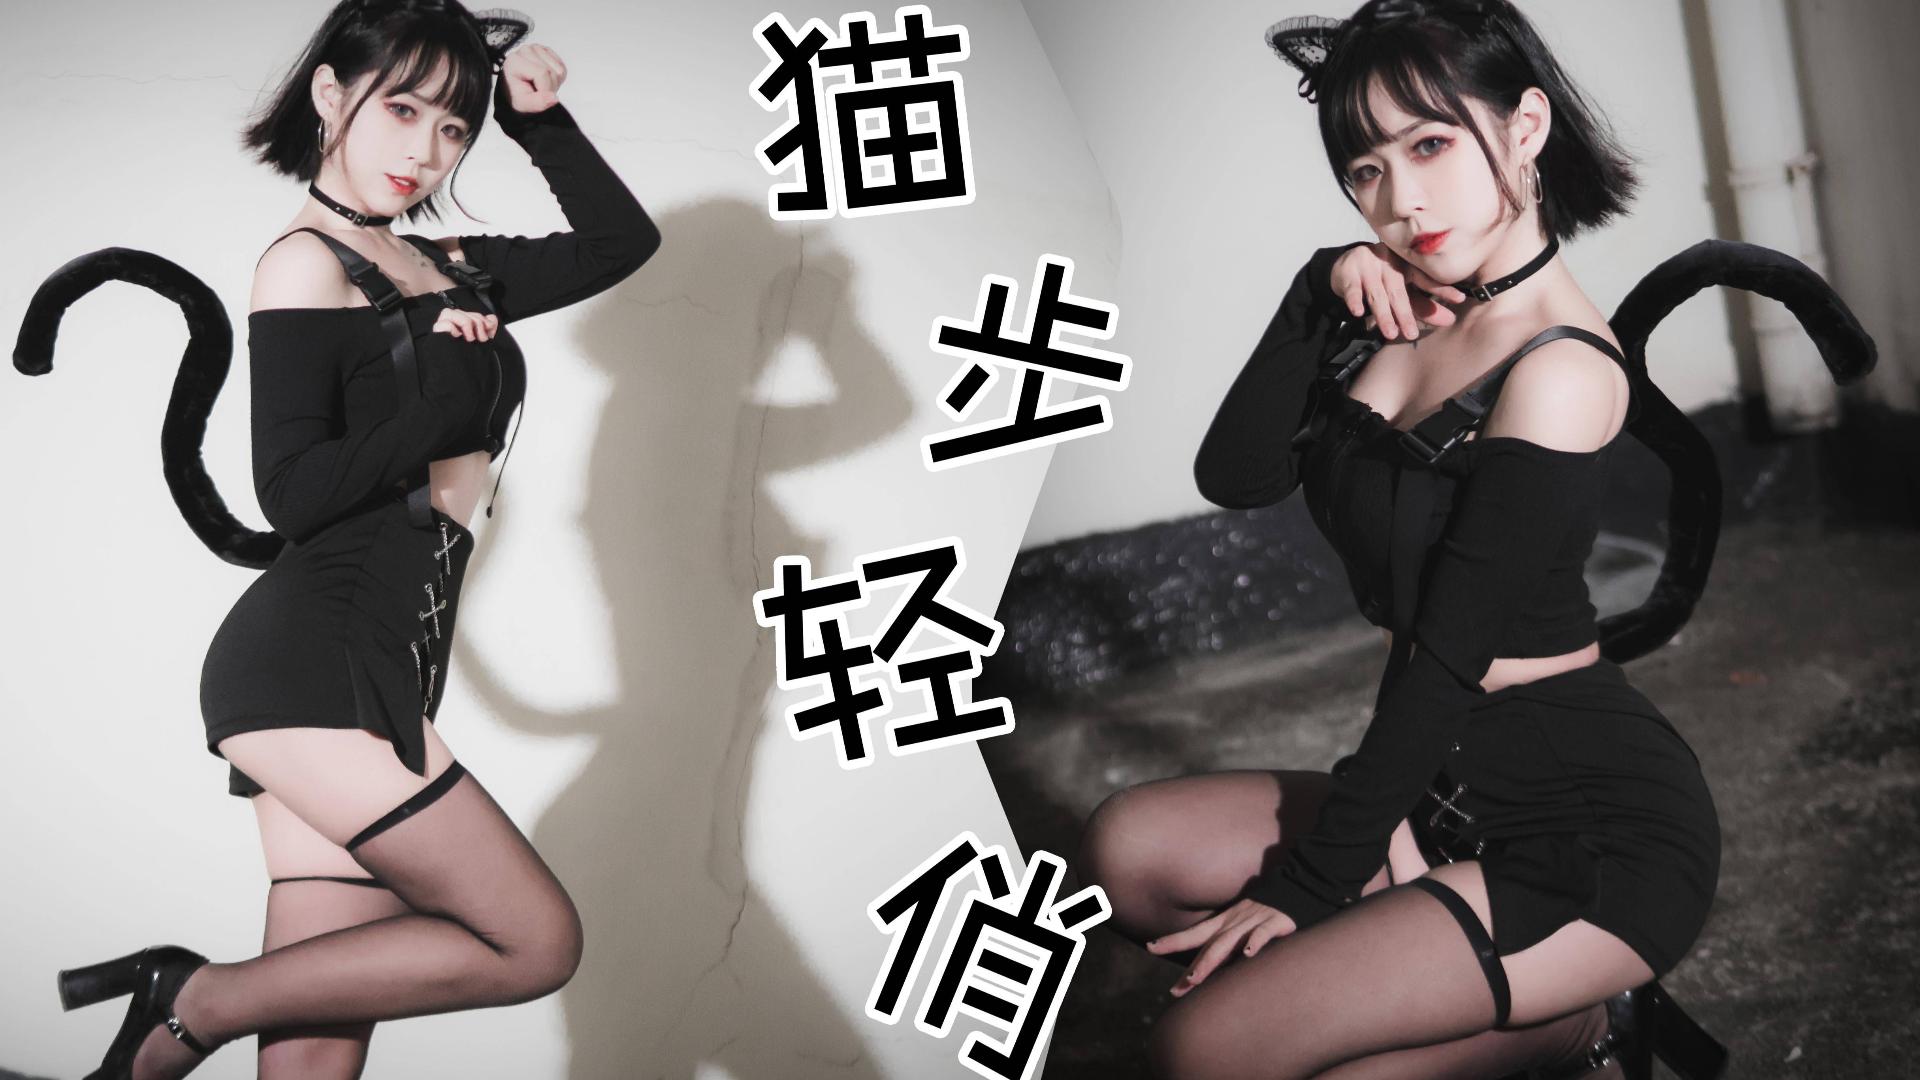 【嘉也子】肉感特务喵 偷爬你楼顶!—猫步轻俏—